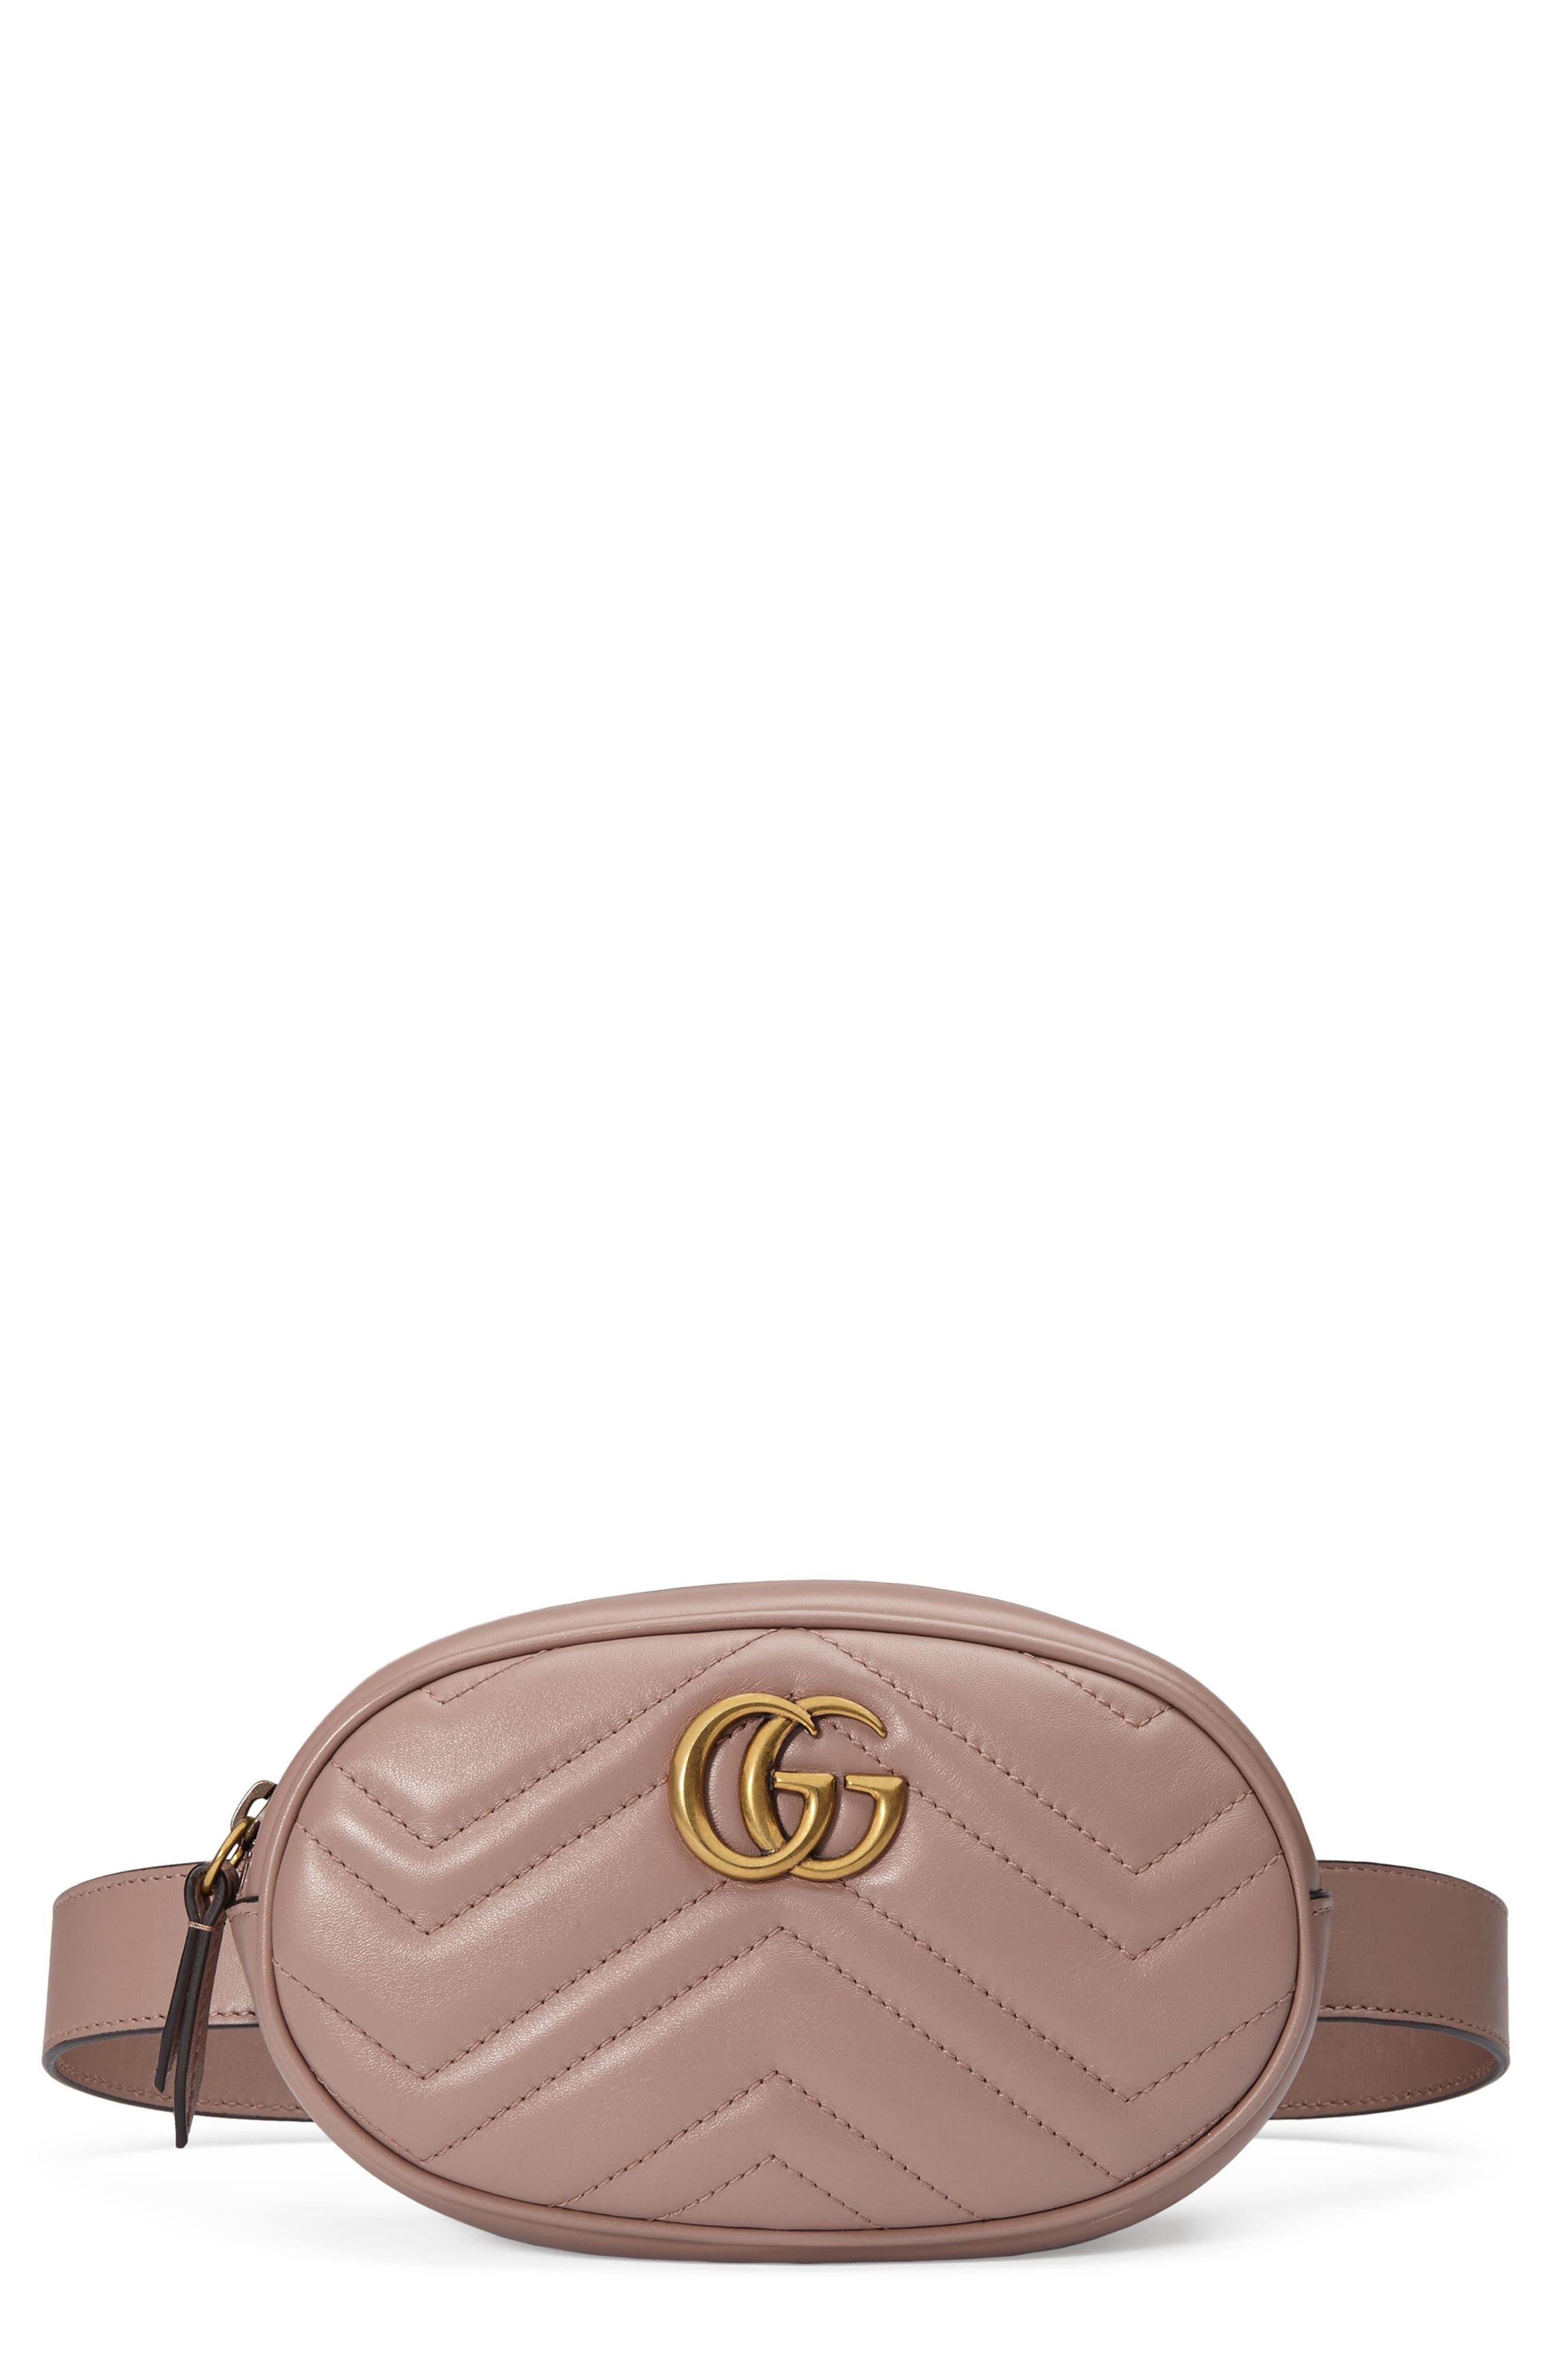 GG Marmont 2.0 Matelassé Leather Belt Bag,                             Main thumbnail 1, color,                             PORCELAIN ROSE